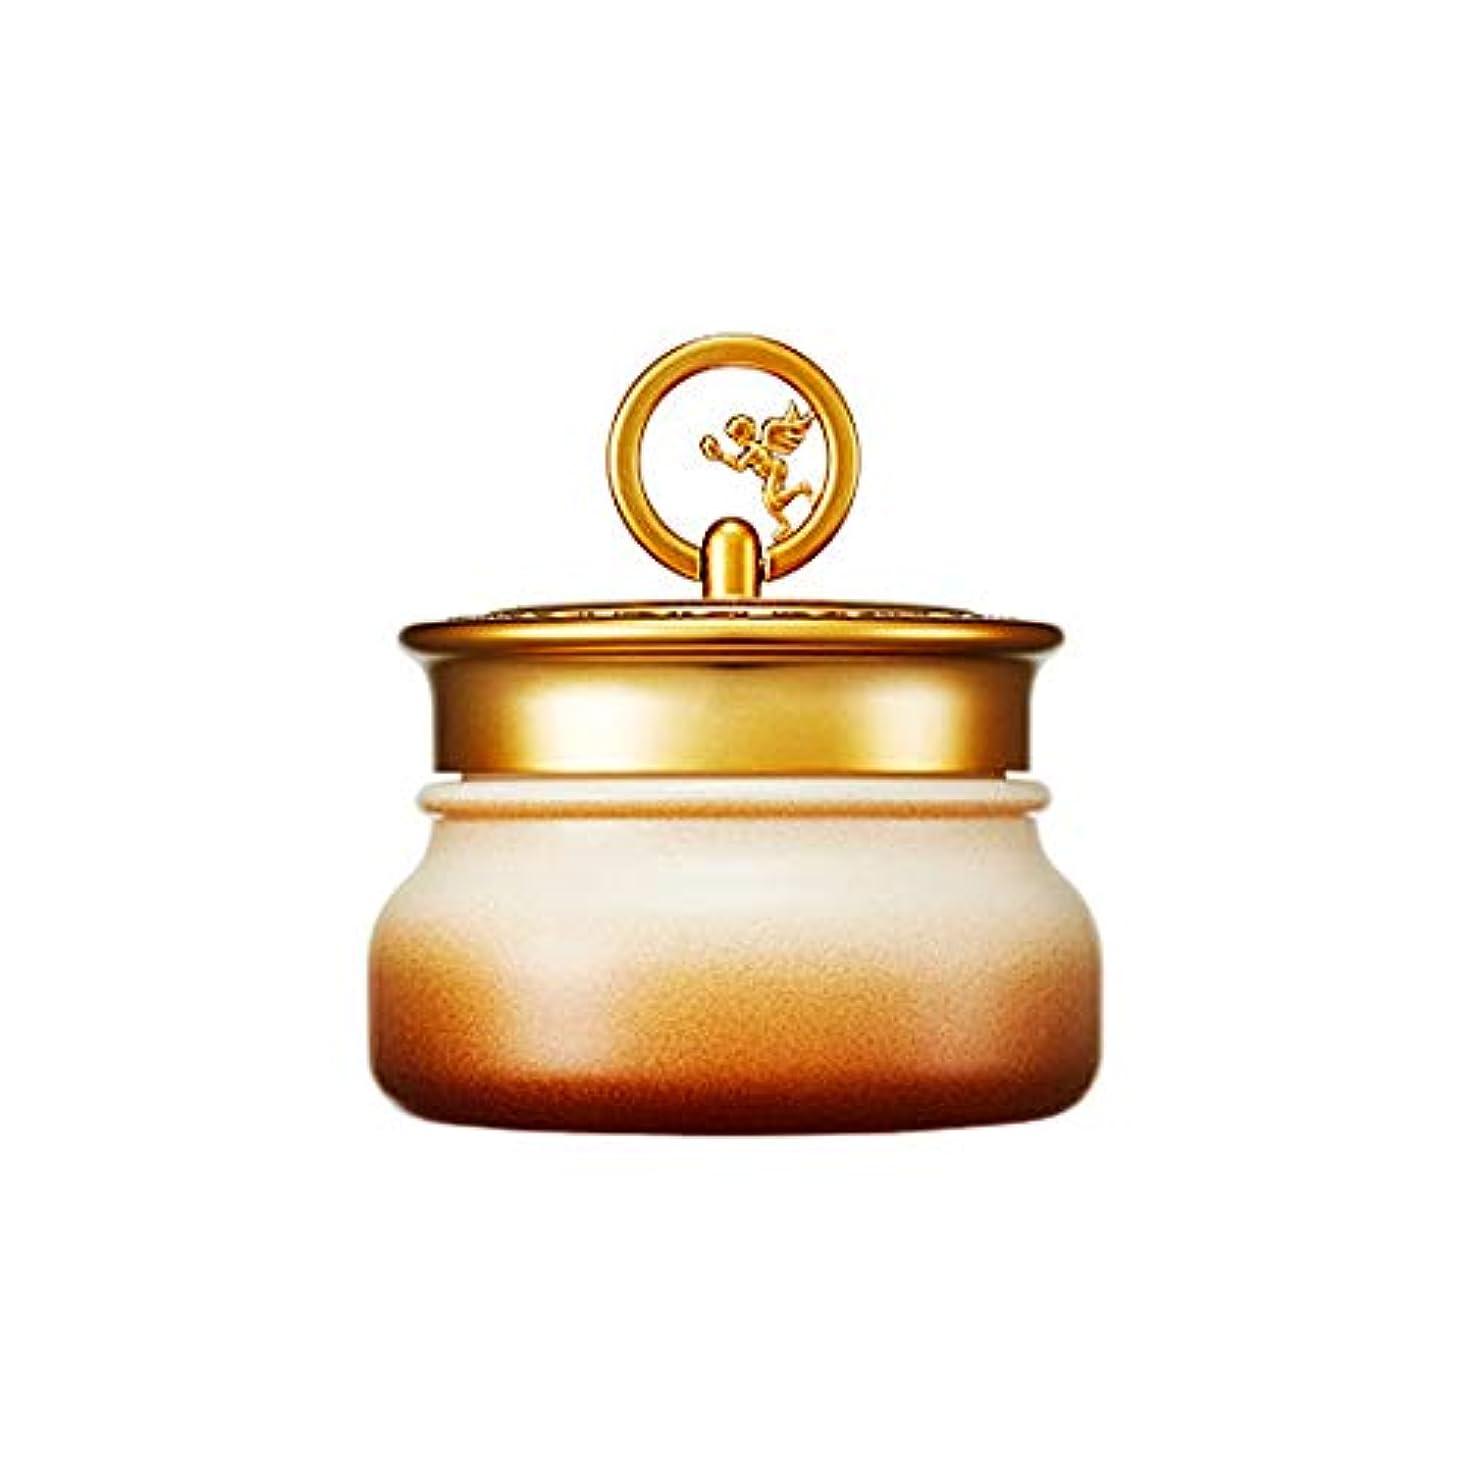 崇拝します小川想定するSkinfood ゴールドキャビアクリーム(しわケア) / Gold Caviar Cream (wrinkle care) 45g [並行輸入品]